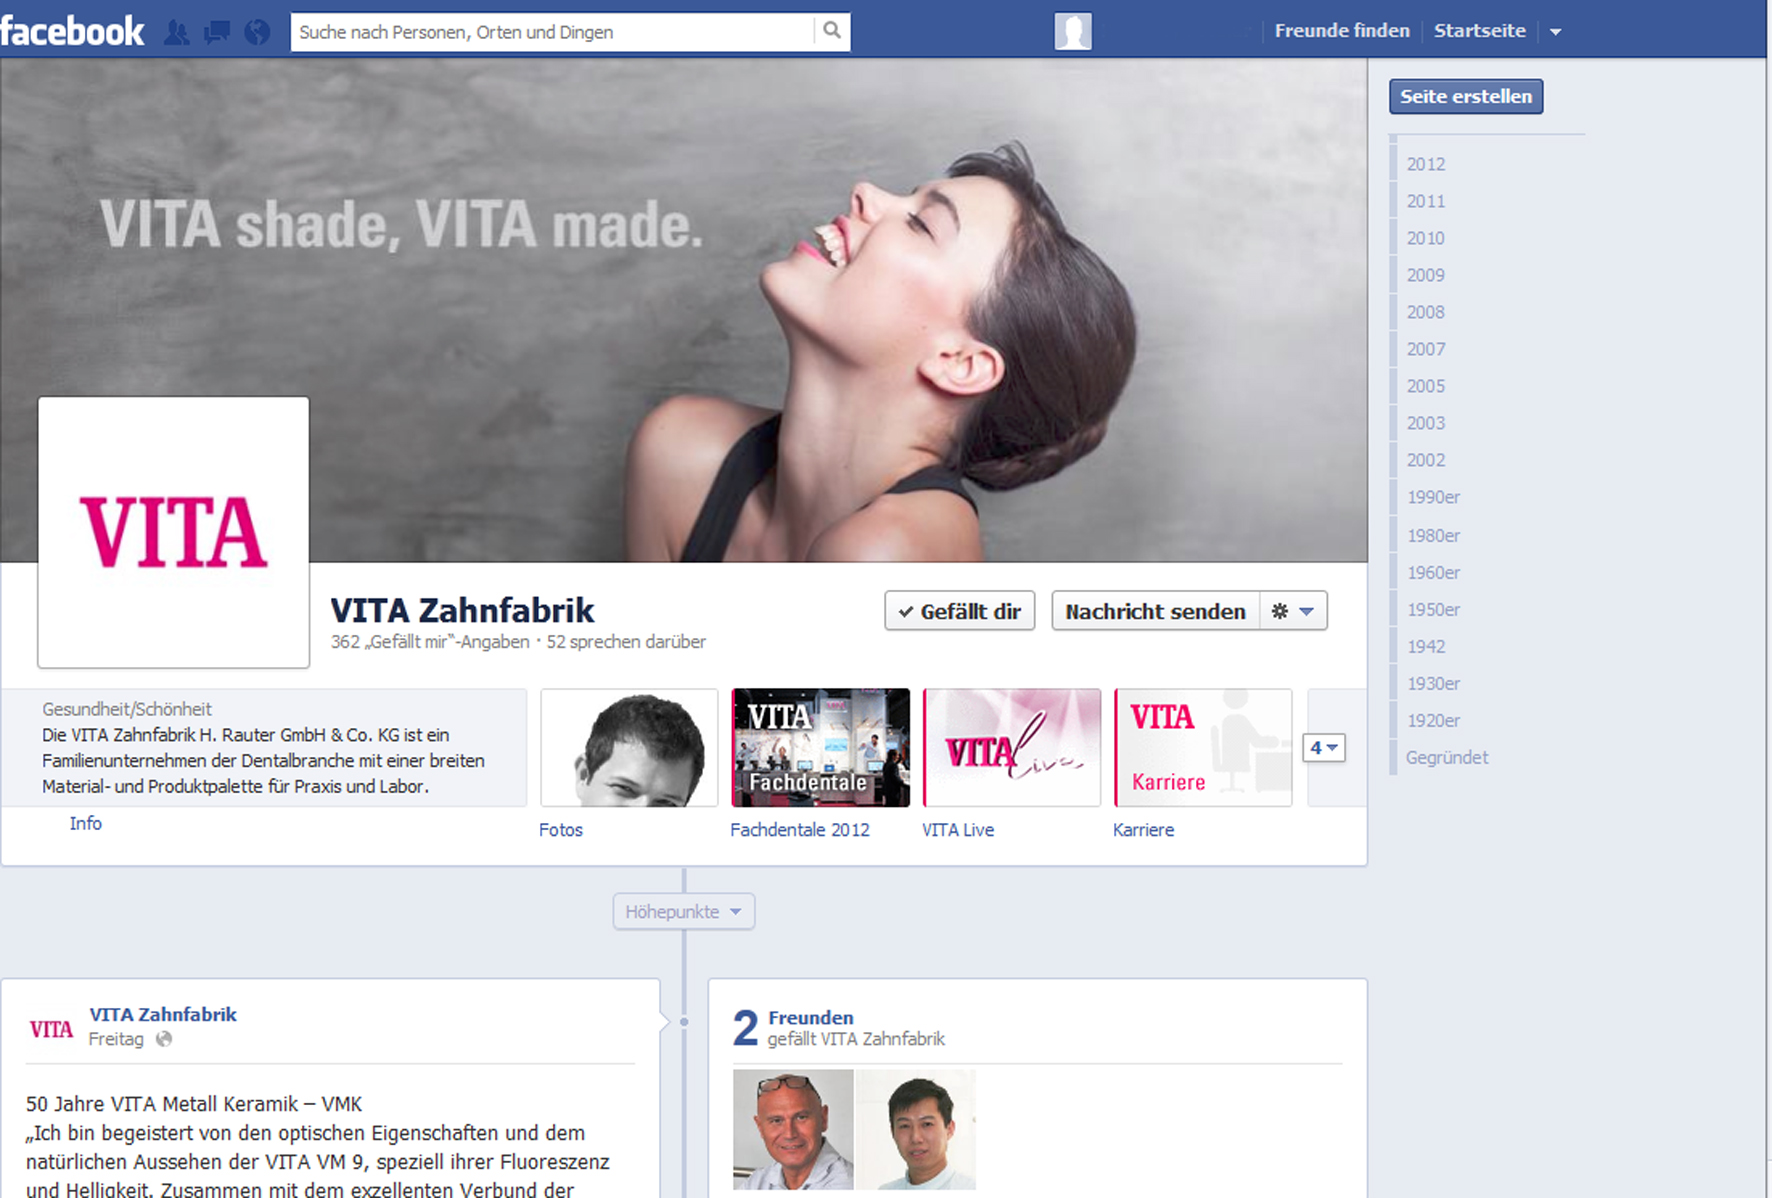 VITA auf Facebook